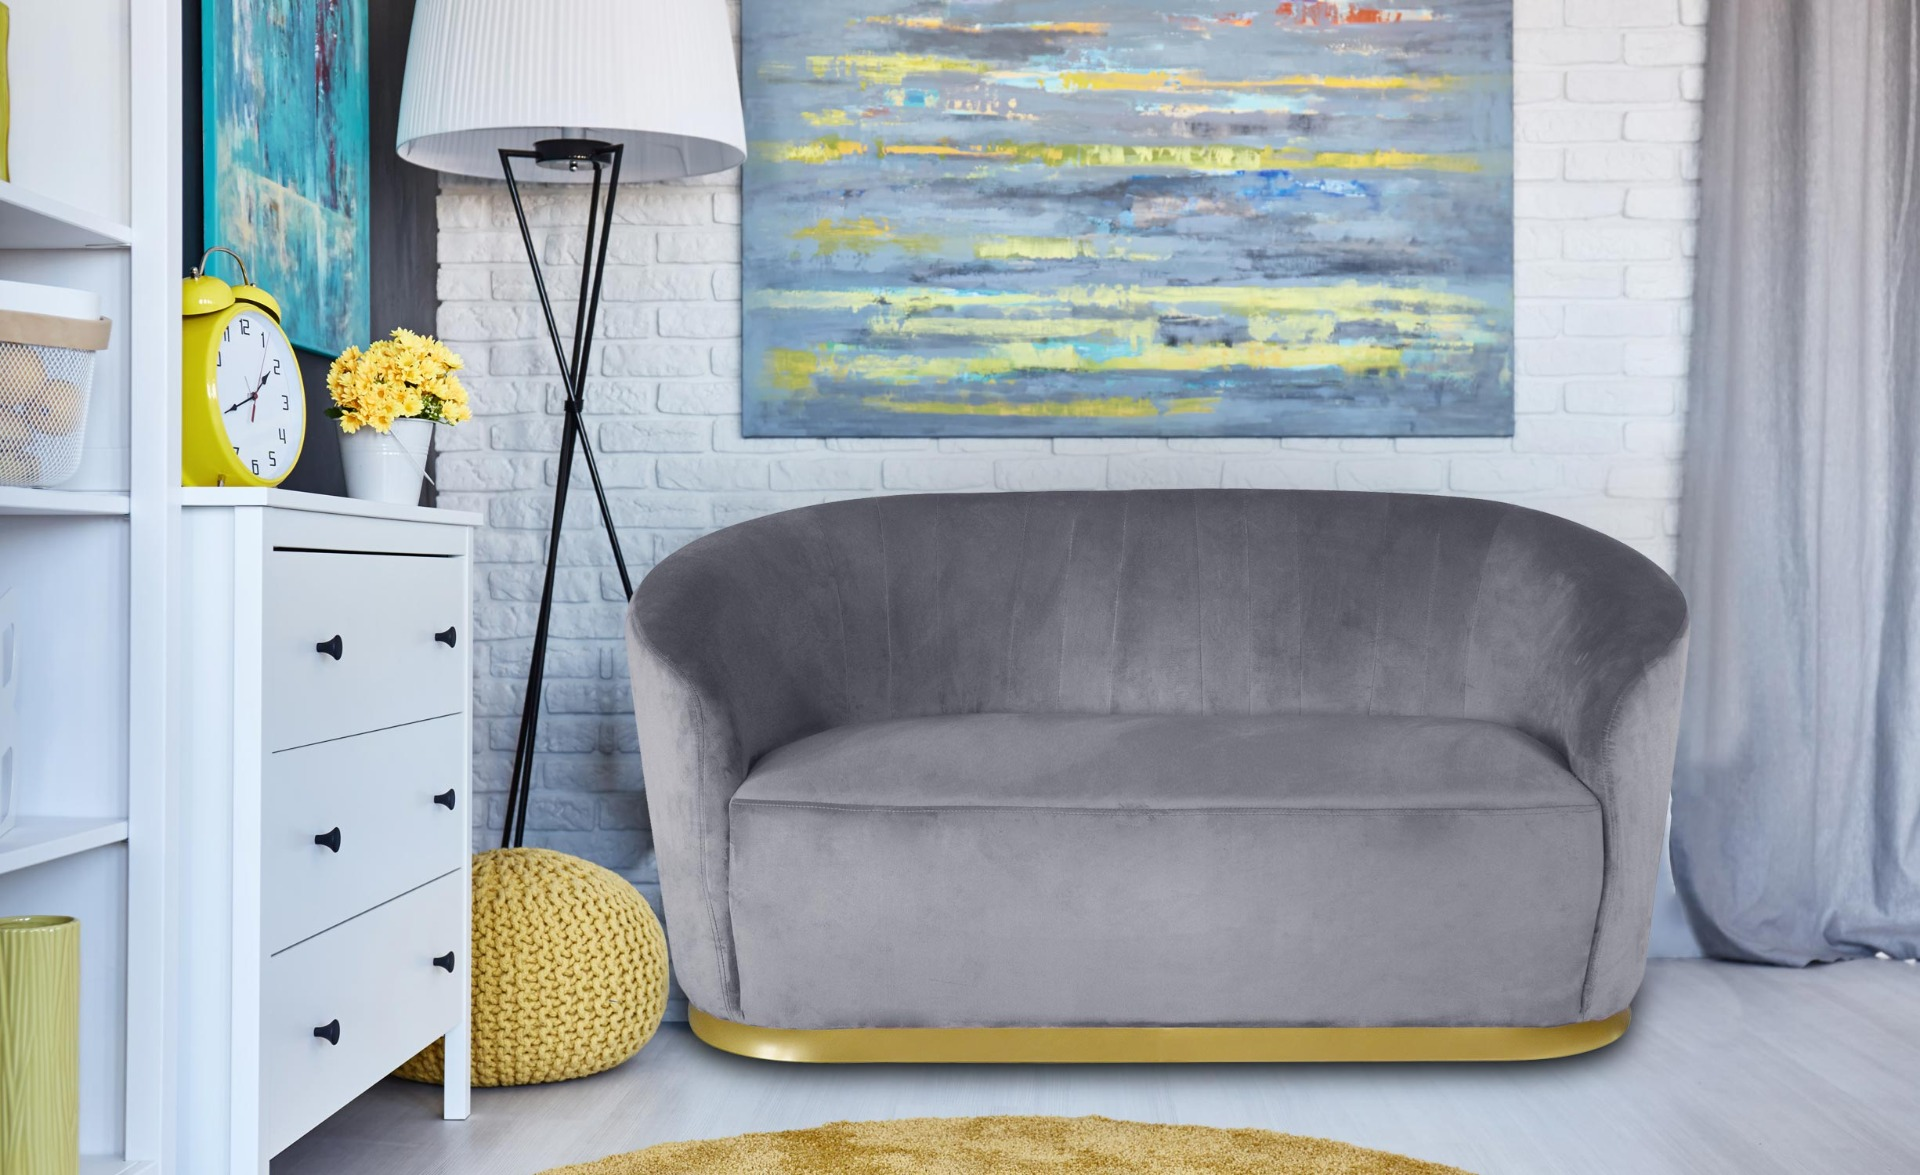 Roanne 2-Sitzer-Sofa mit goldenem Sockel und Samtbezug Grau